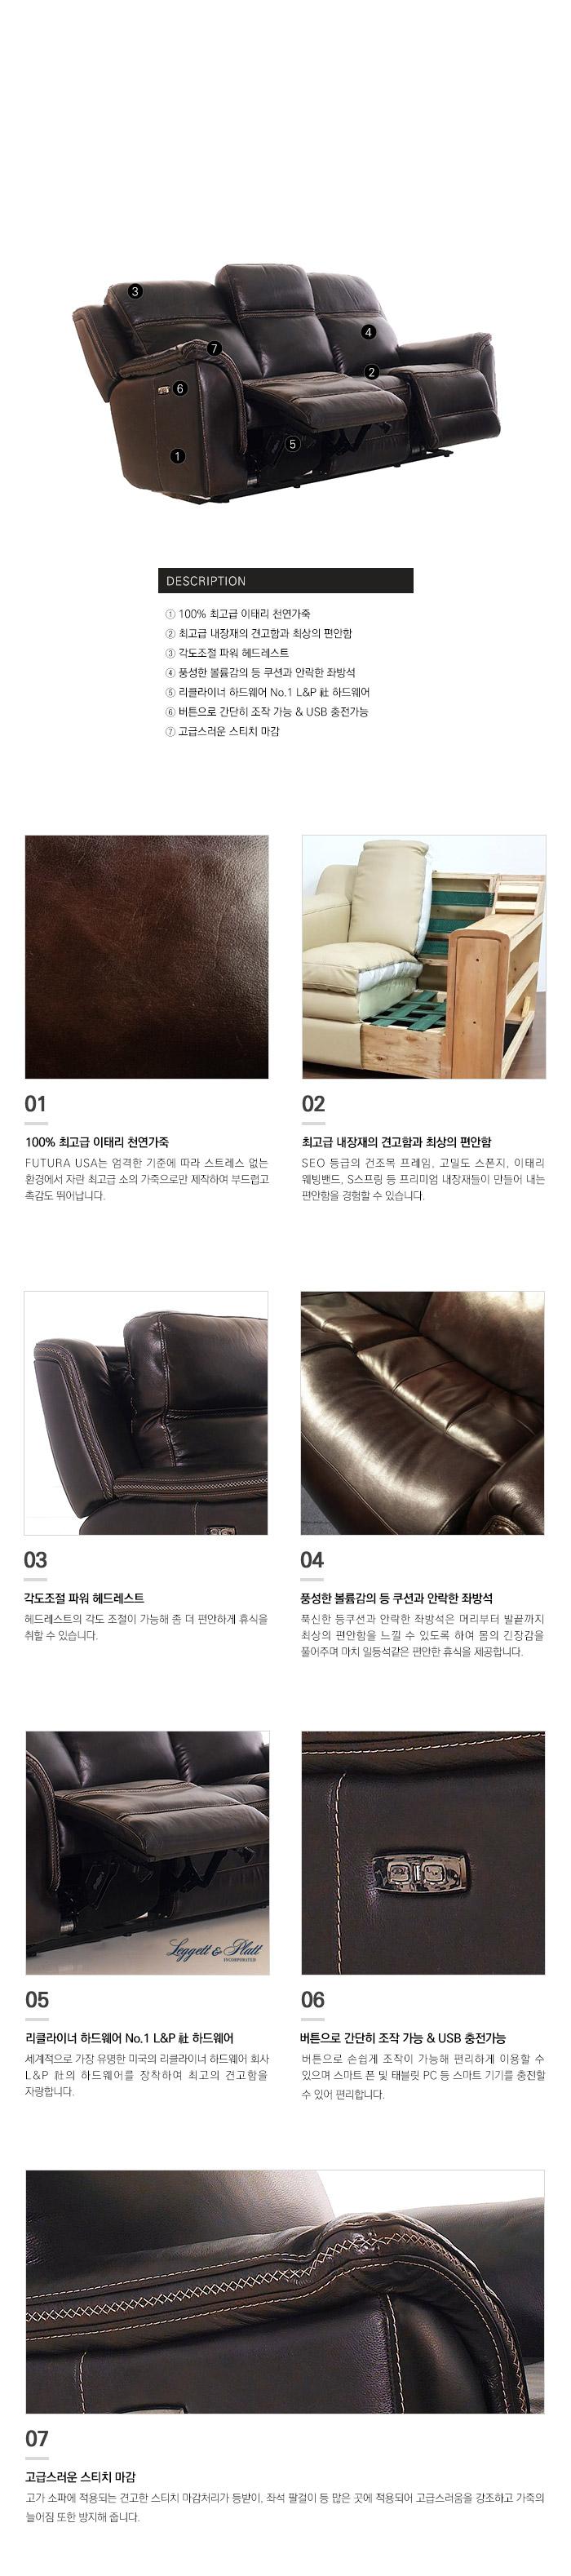 E1404-sofa-add-2.jpg